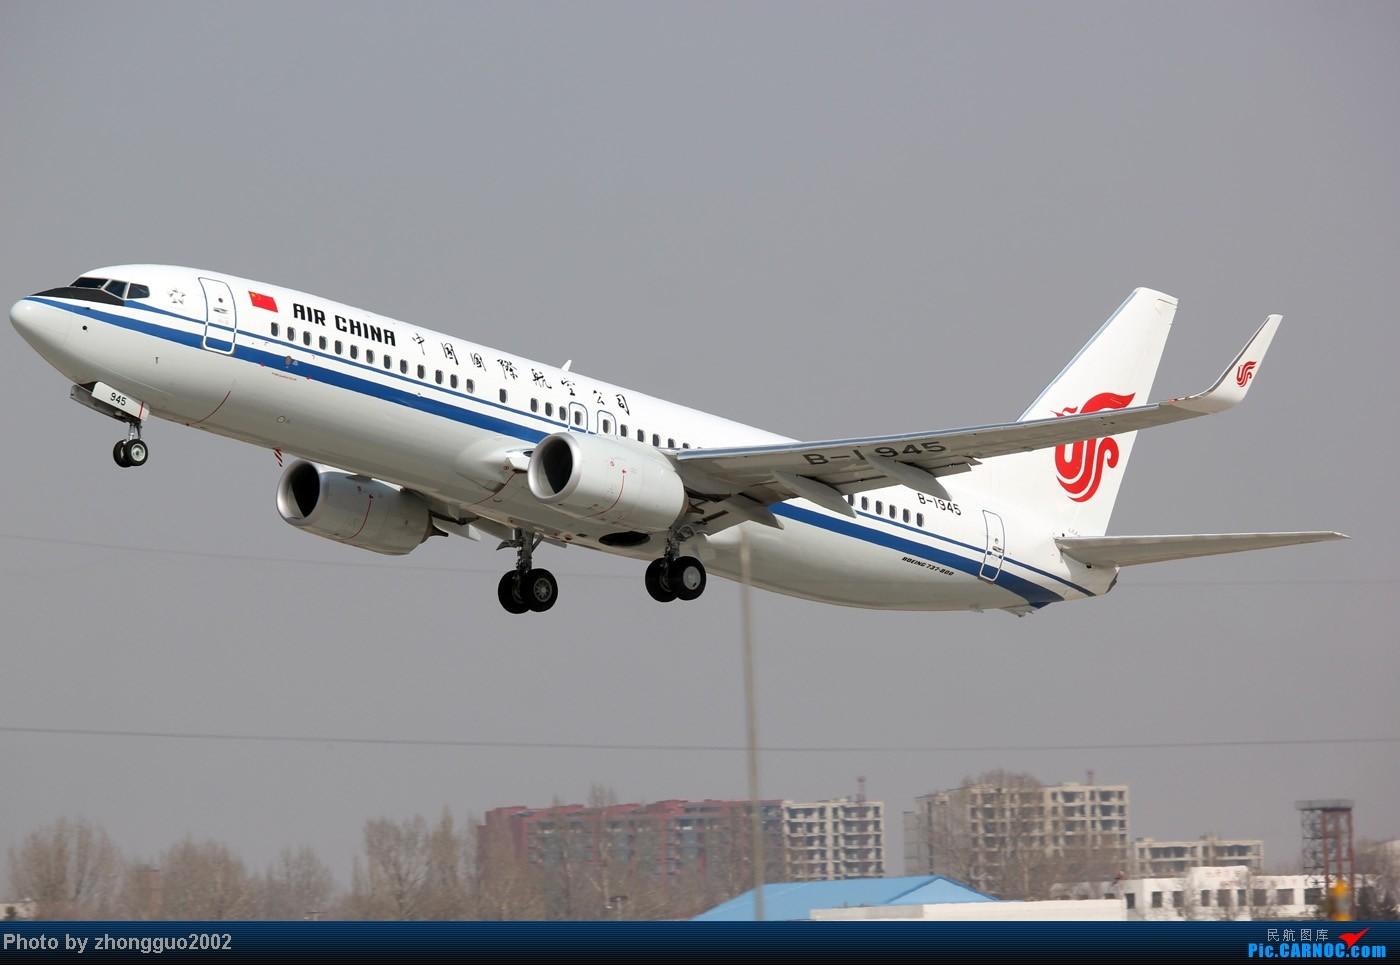 Re:[原创]长荣航空带小翼的321,东航6457小翼319,国航的新机子1947.1945,国航内蒙古号5226,新舟60,以及深圳、首都、西部等航空的飞机。 BOEING 737-800 B-1945 中国呼和浩特白塔机场